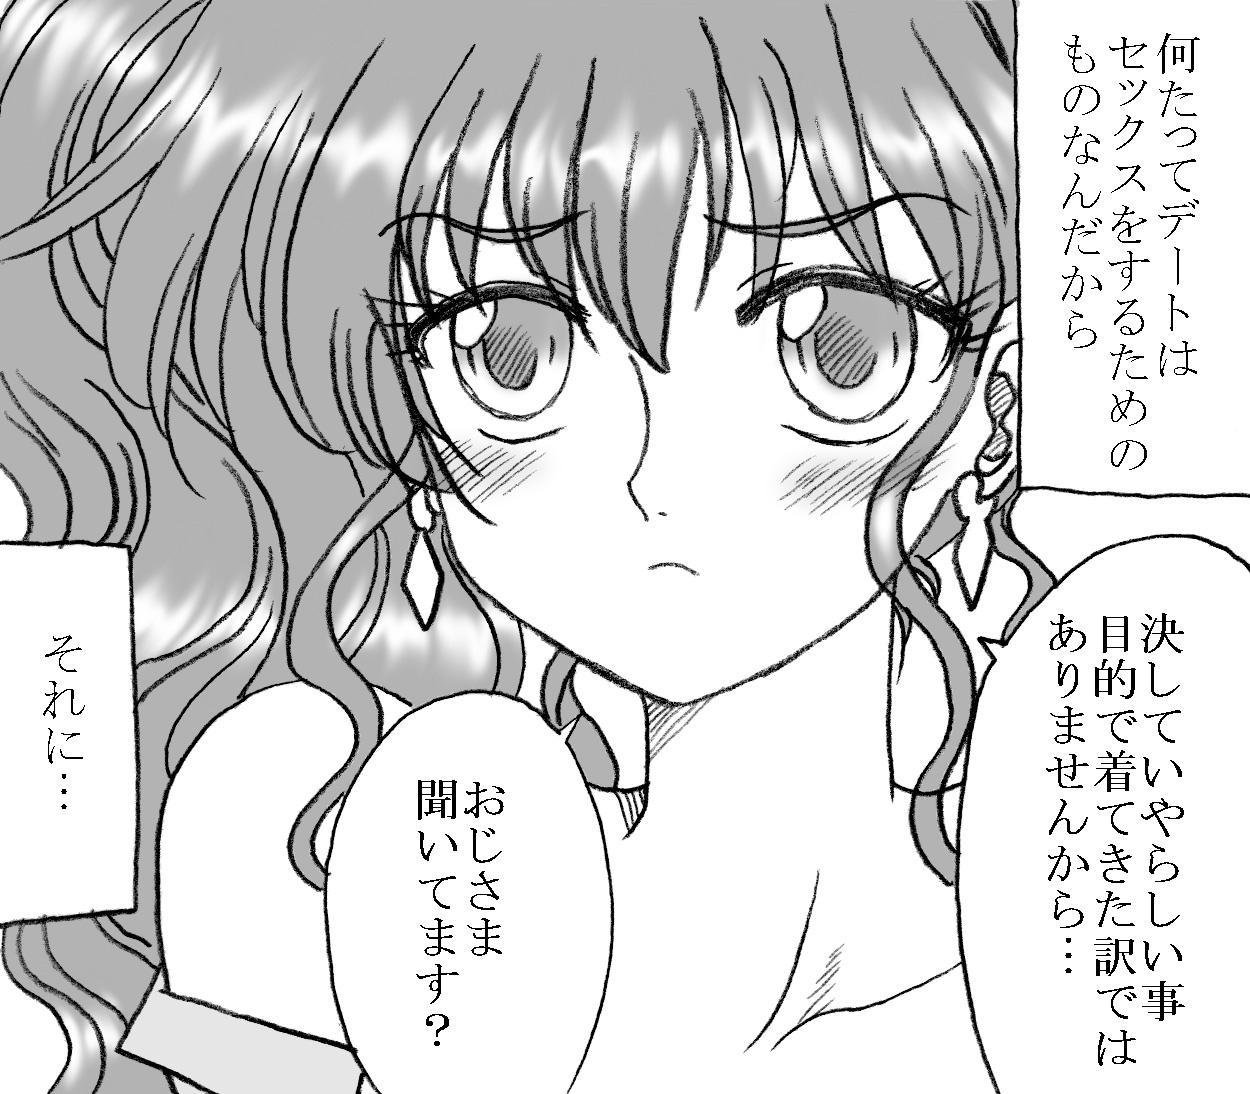 Mika-chan, Chichioya yori mo Toshiue no Ojisama to Ecchi sono 4 4